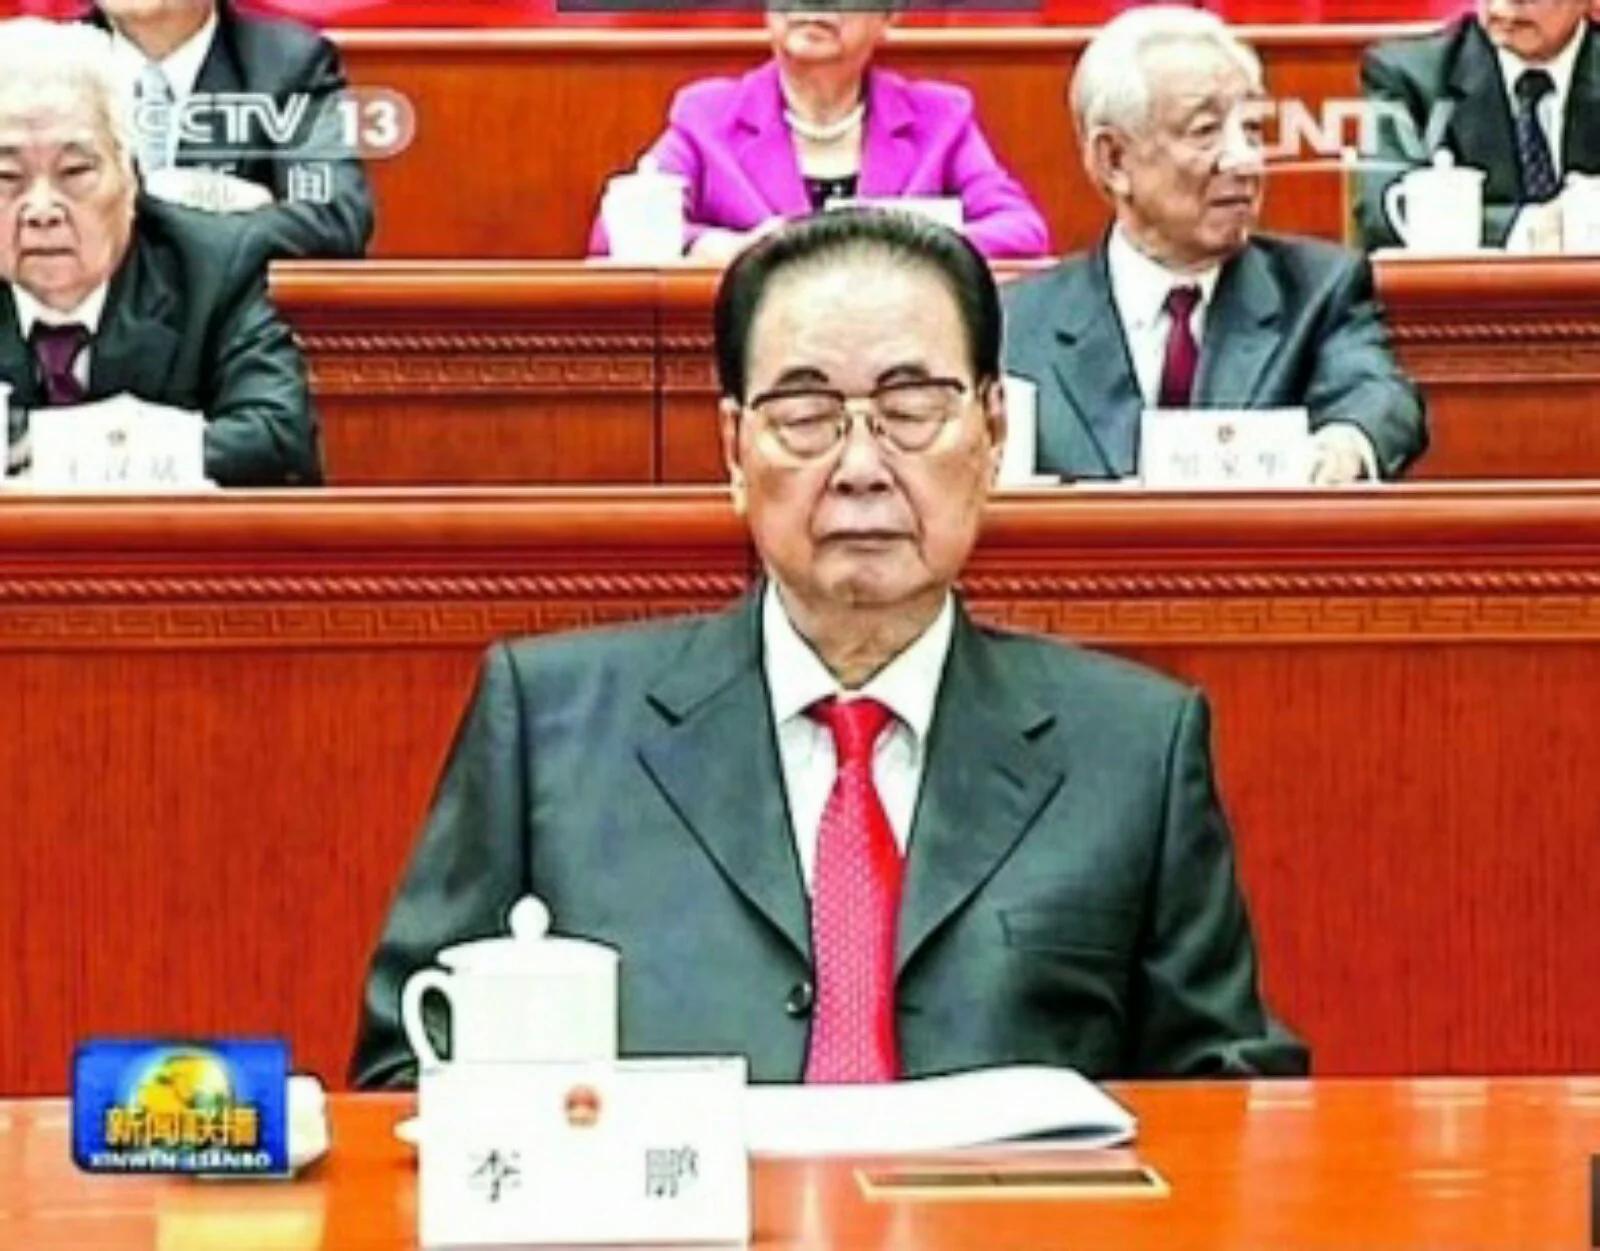 独家放风:李鹏批评反腐遭习近平打击报复 此前独家屡屡证伪 组图